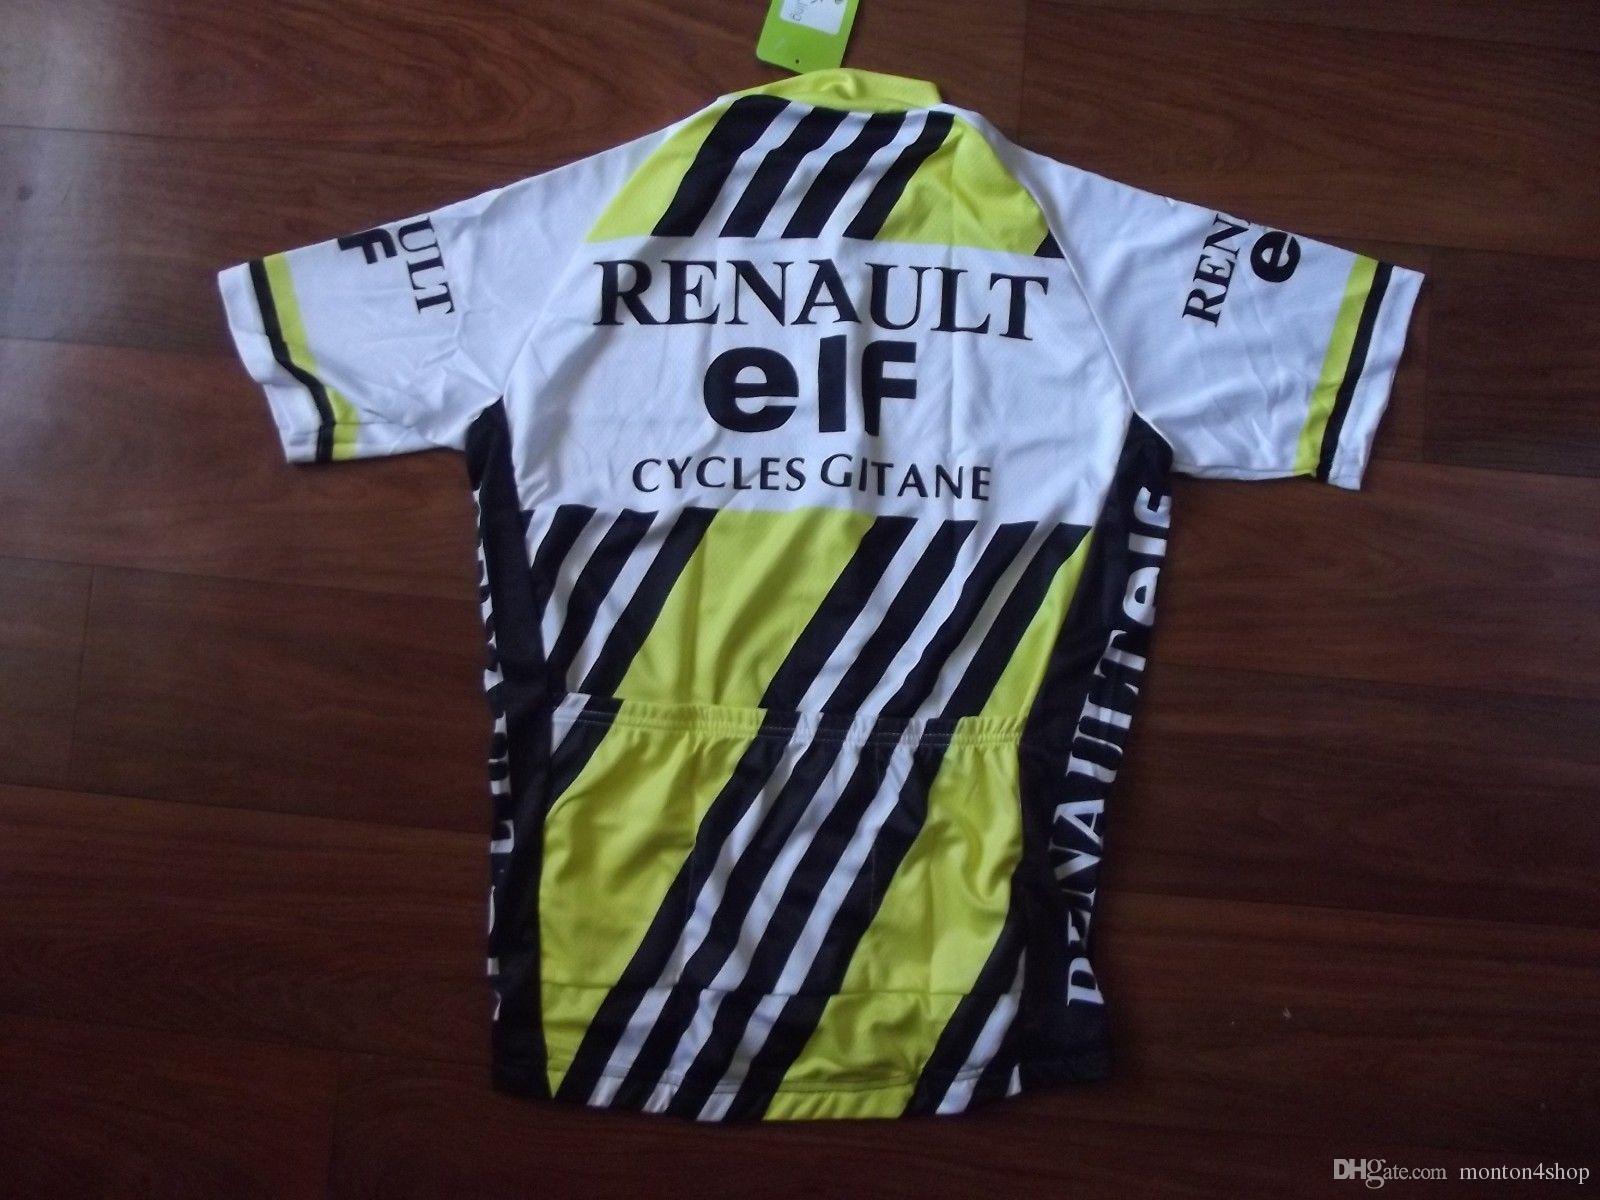 رينو العلف رجل روبا ciclismo الدراجات الملابس / mtb الدراجة الملابس / دراجة الملابس / 2021 الدراجات موحدة الدراجات الفانيلة 2xs-6xl a52